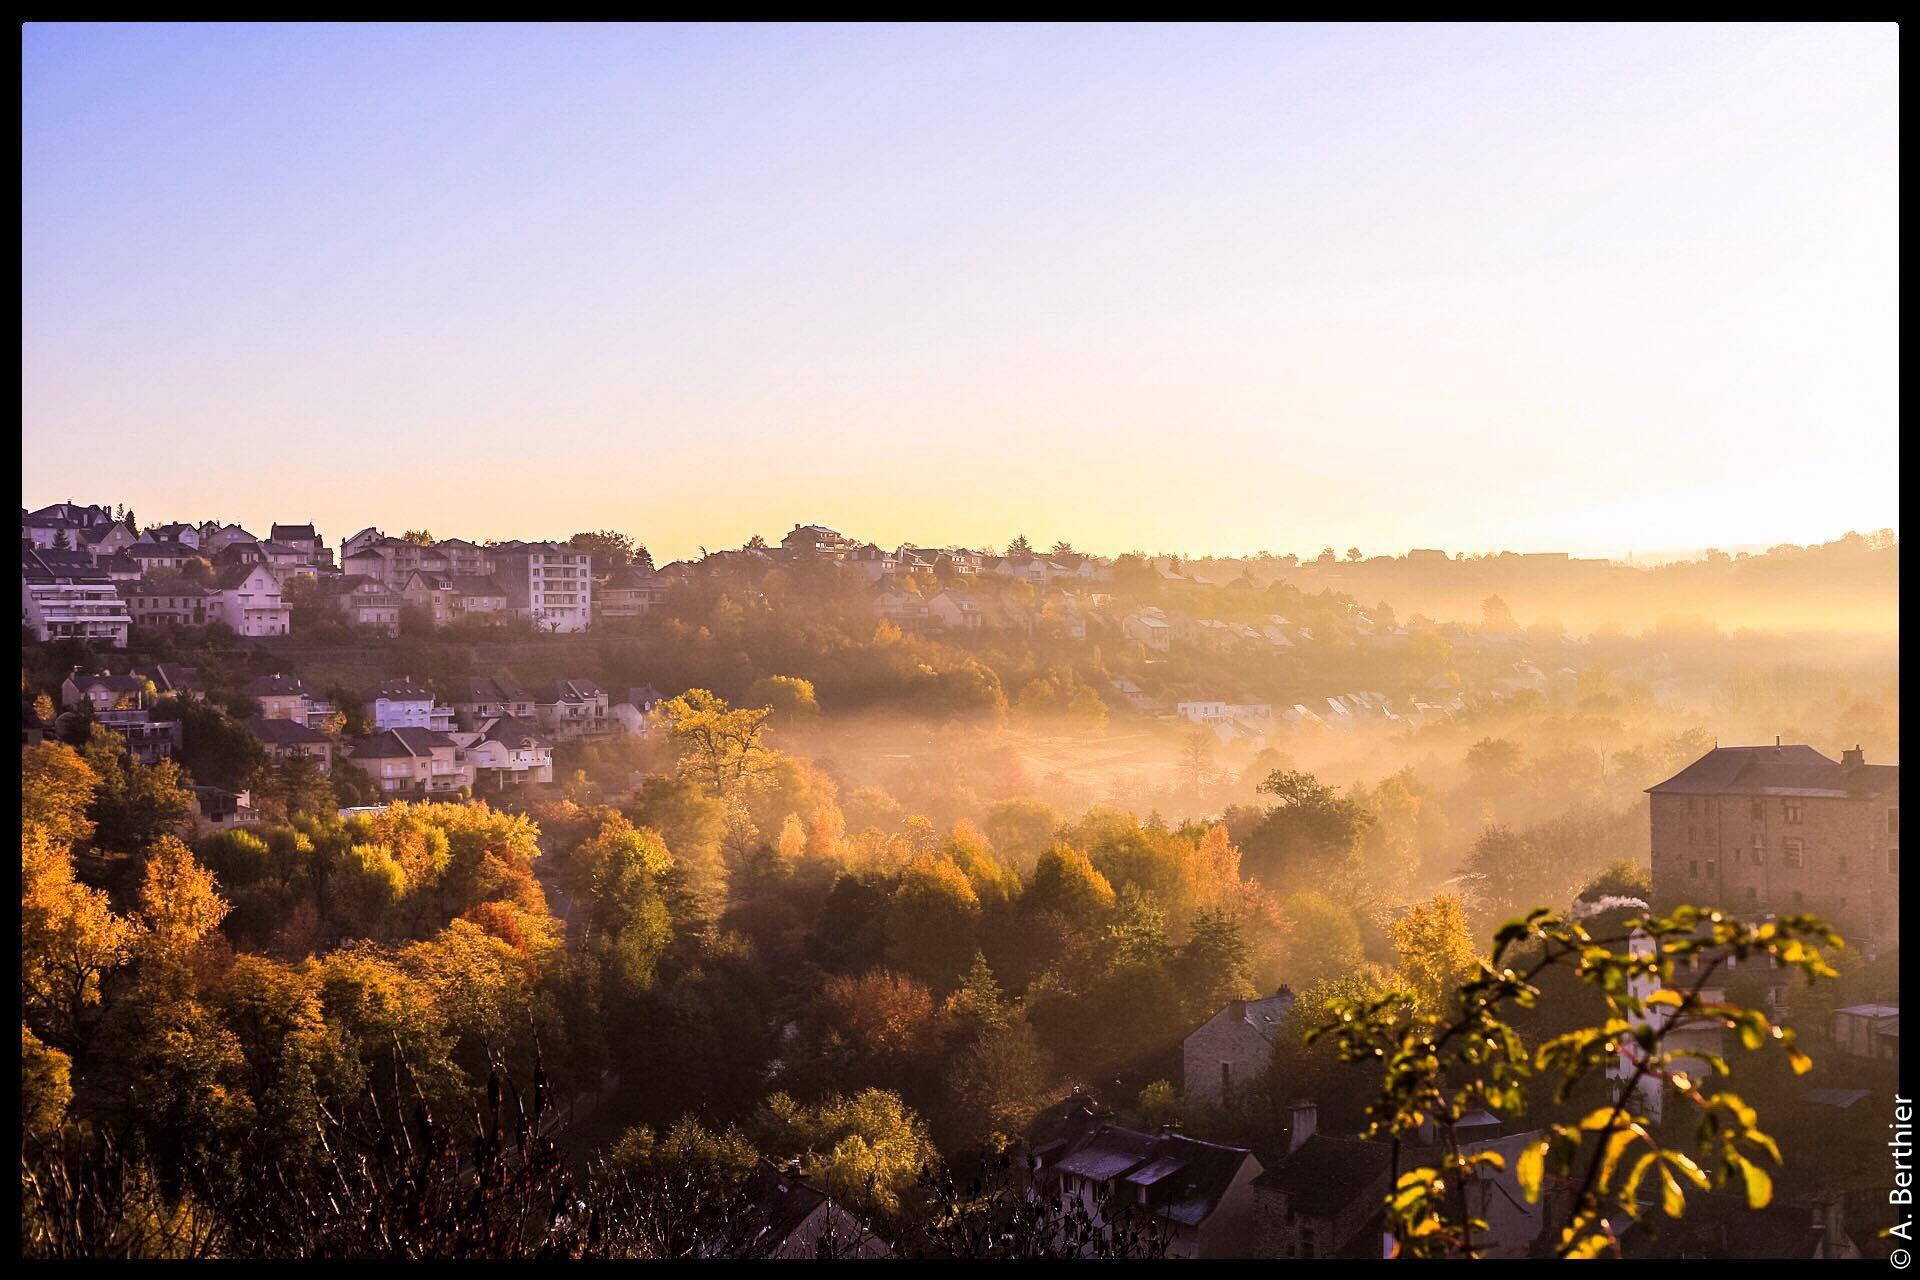 Vue sur Rodez au crépuscule, Aveyron